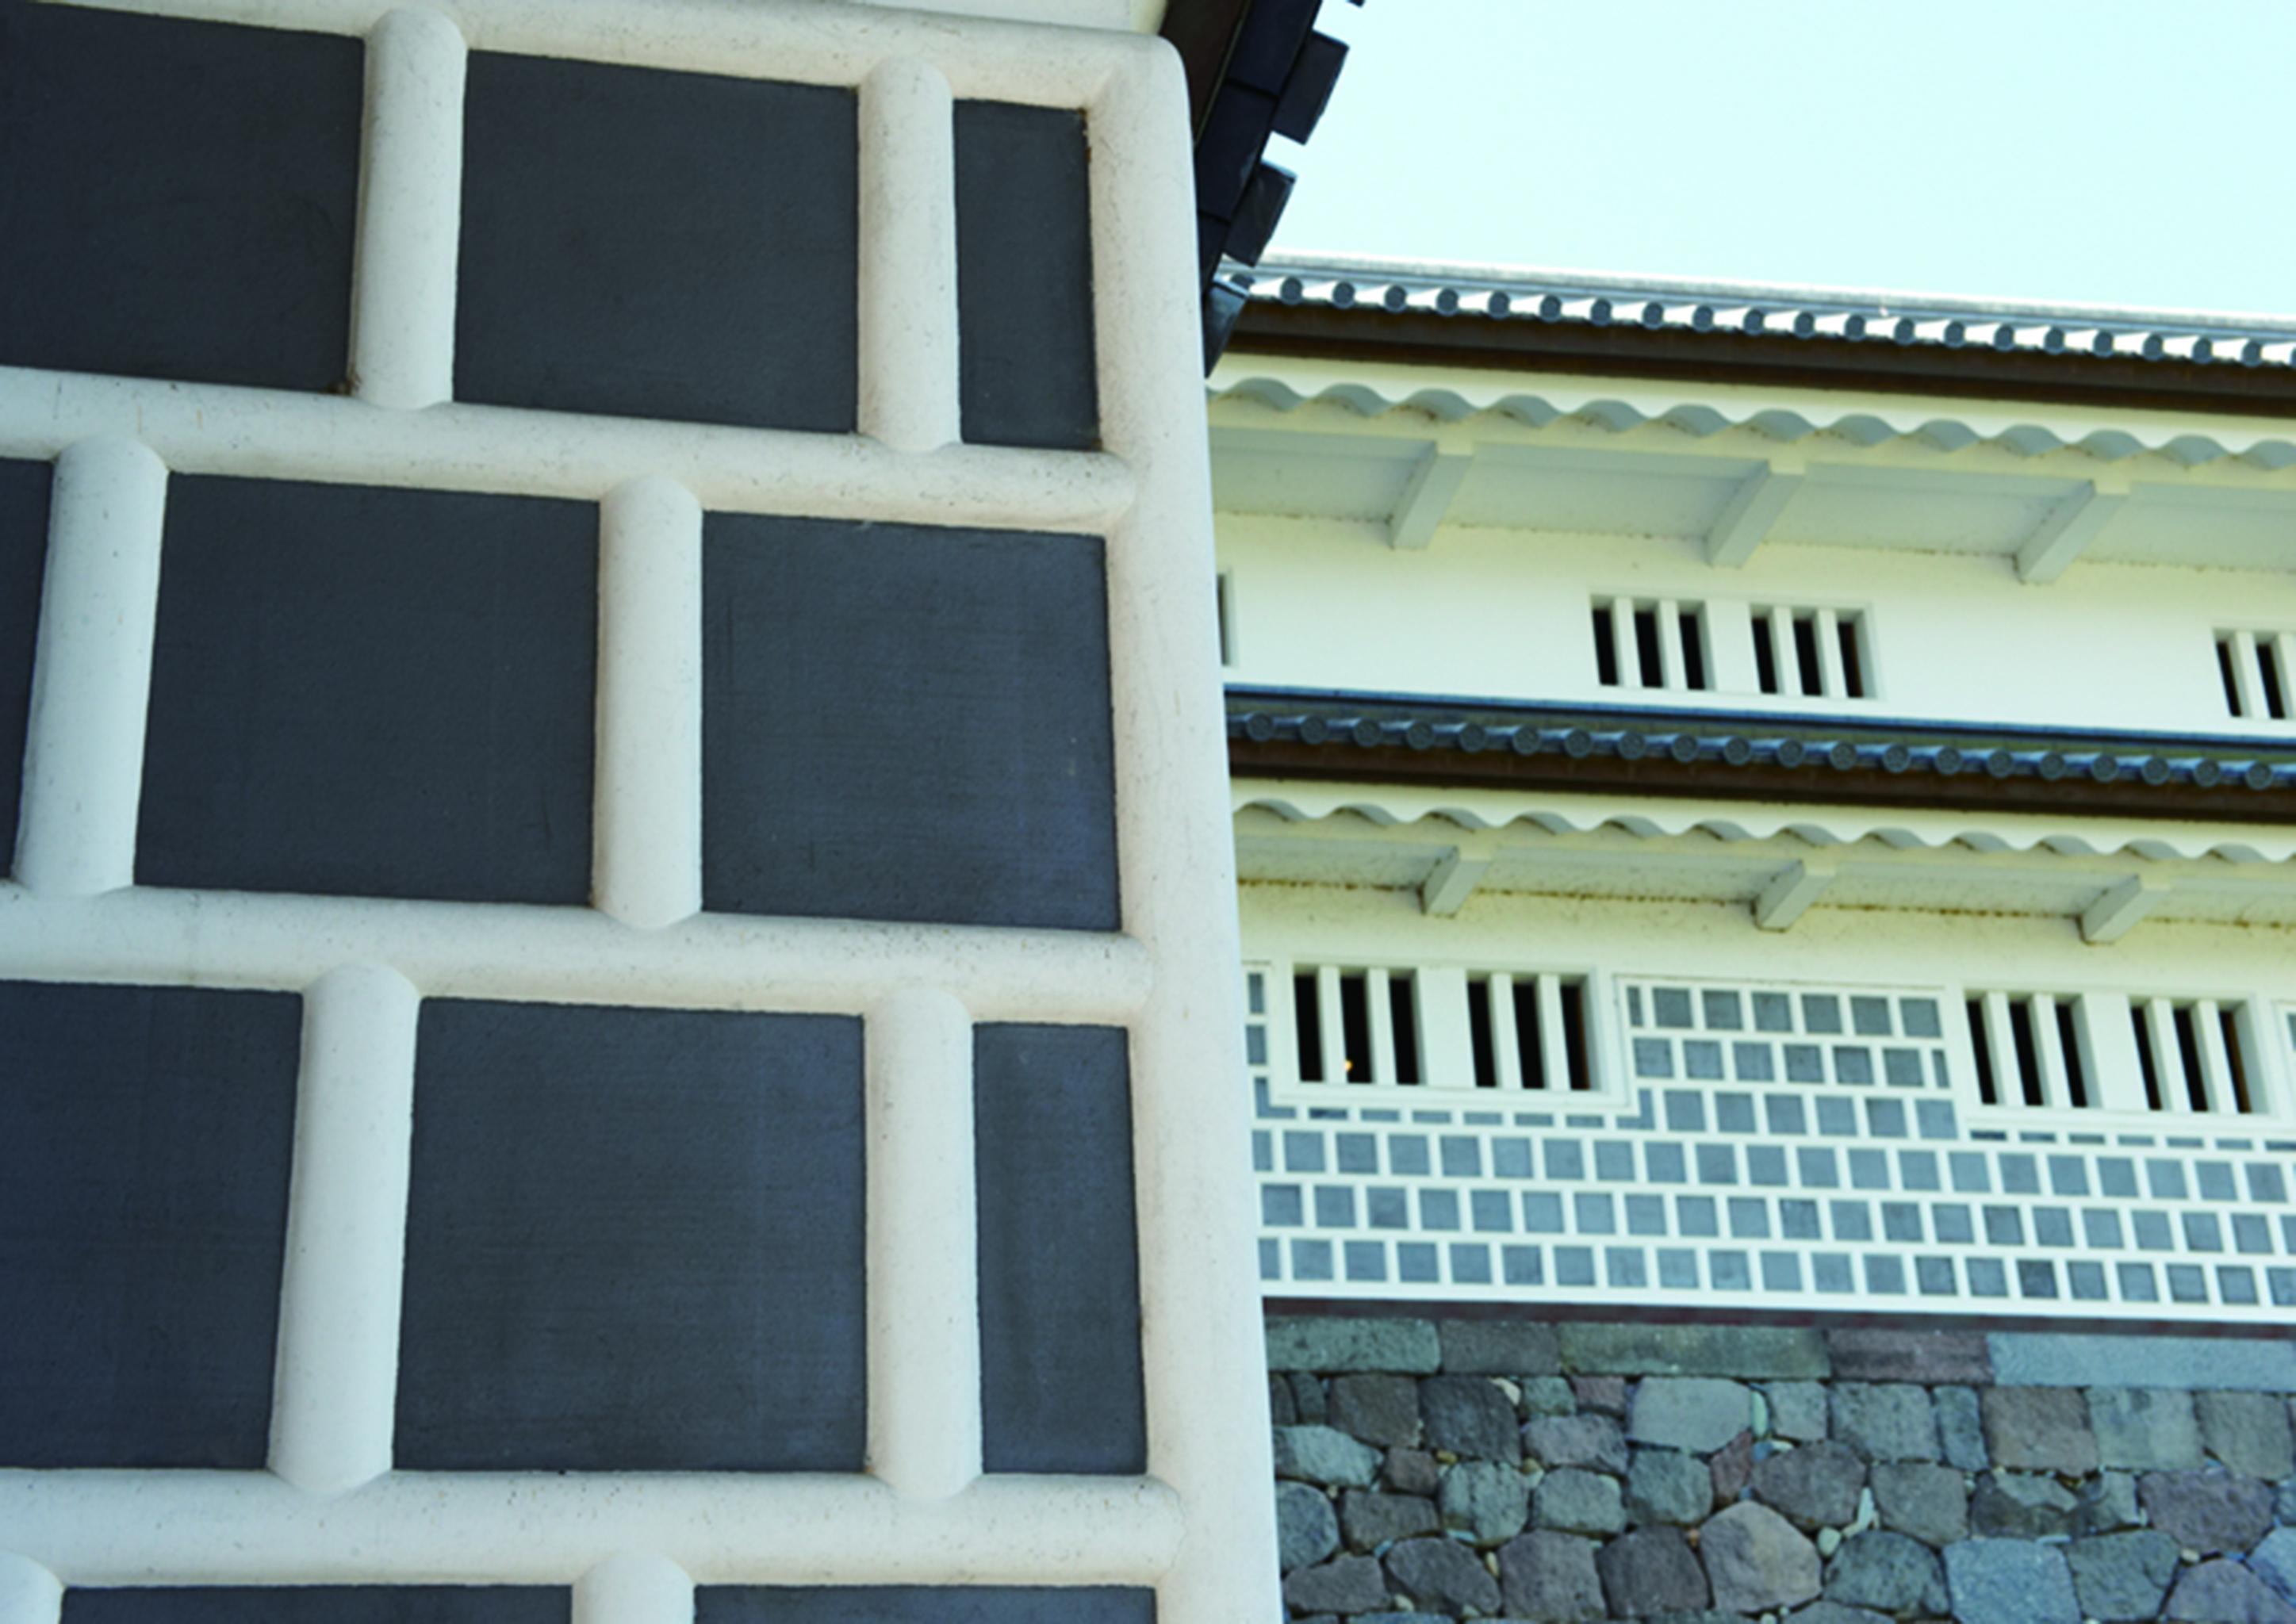 古くからの歴史を持つ左官は、鏝(こて)を使用し土やセメントなどで壁や床を塗り仕上げる技術のこと